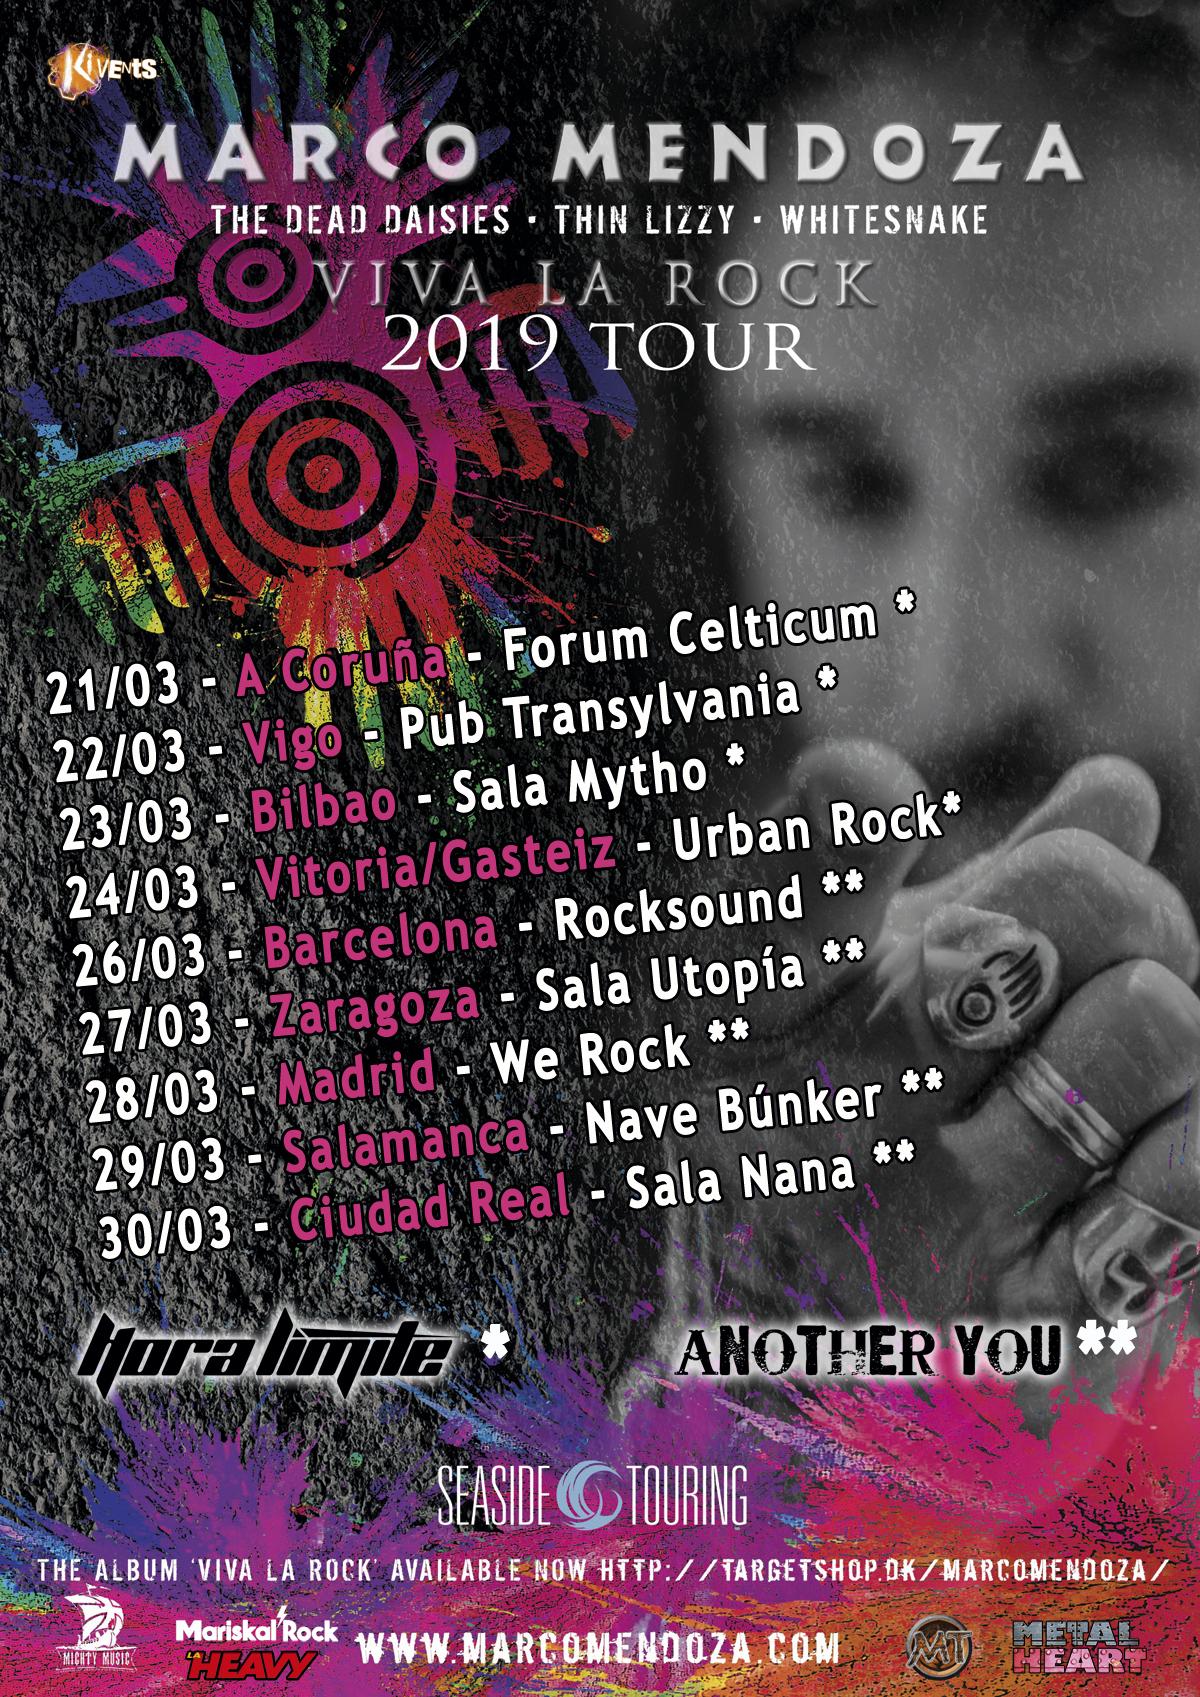 Comienza la gira de Marco Mendoza